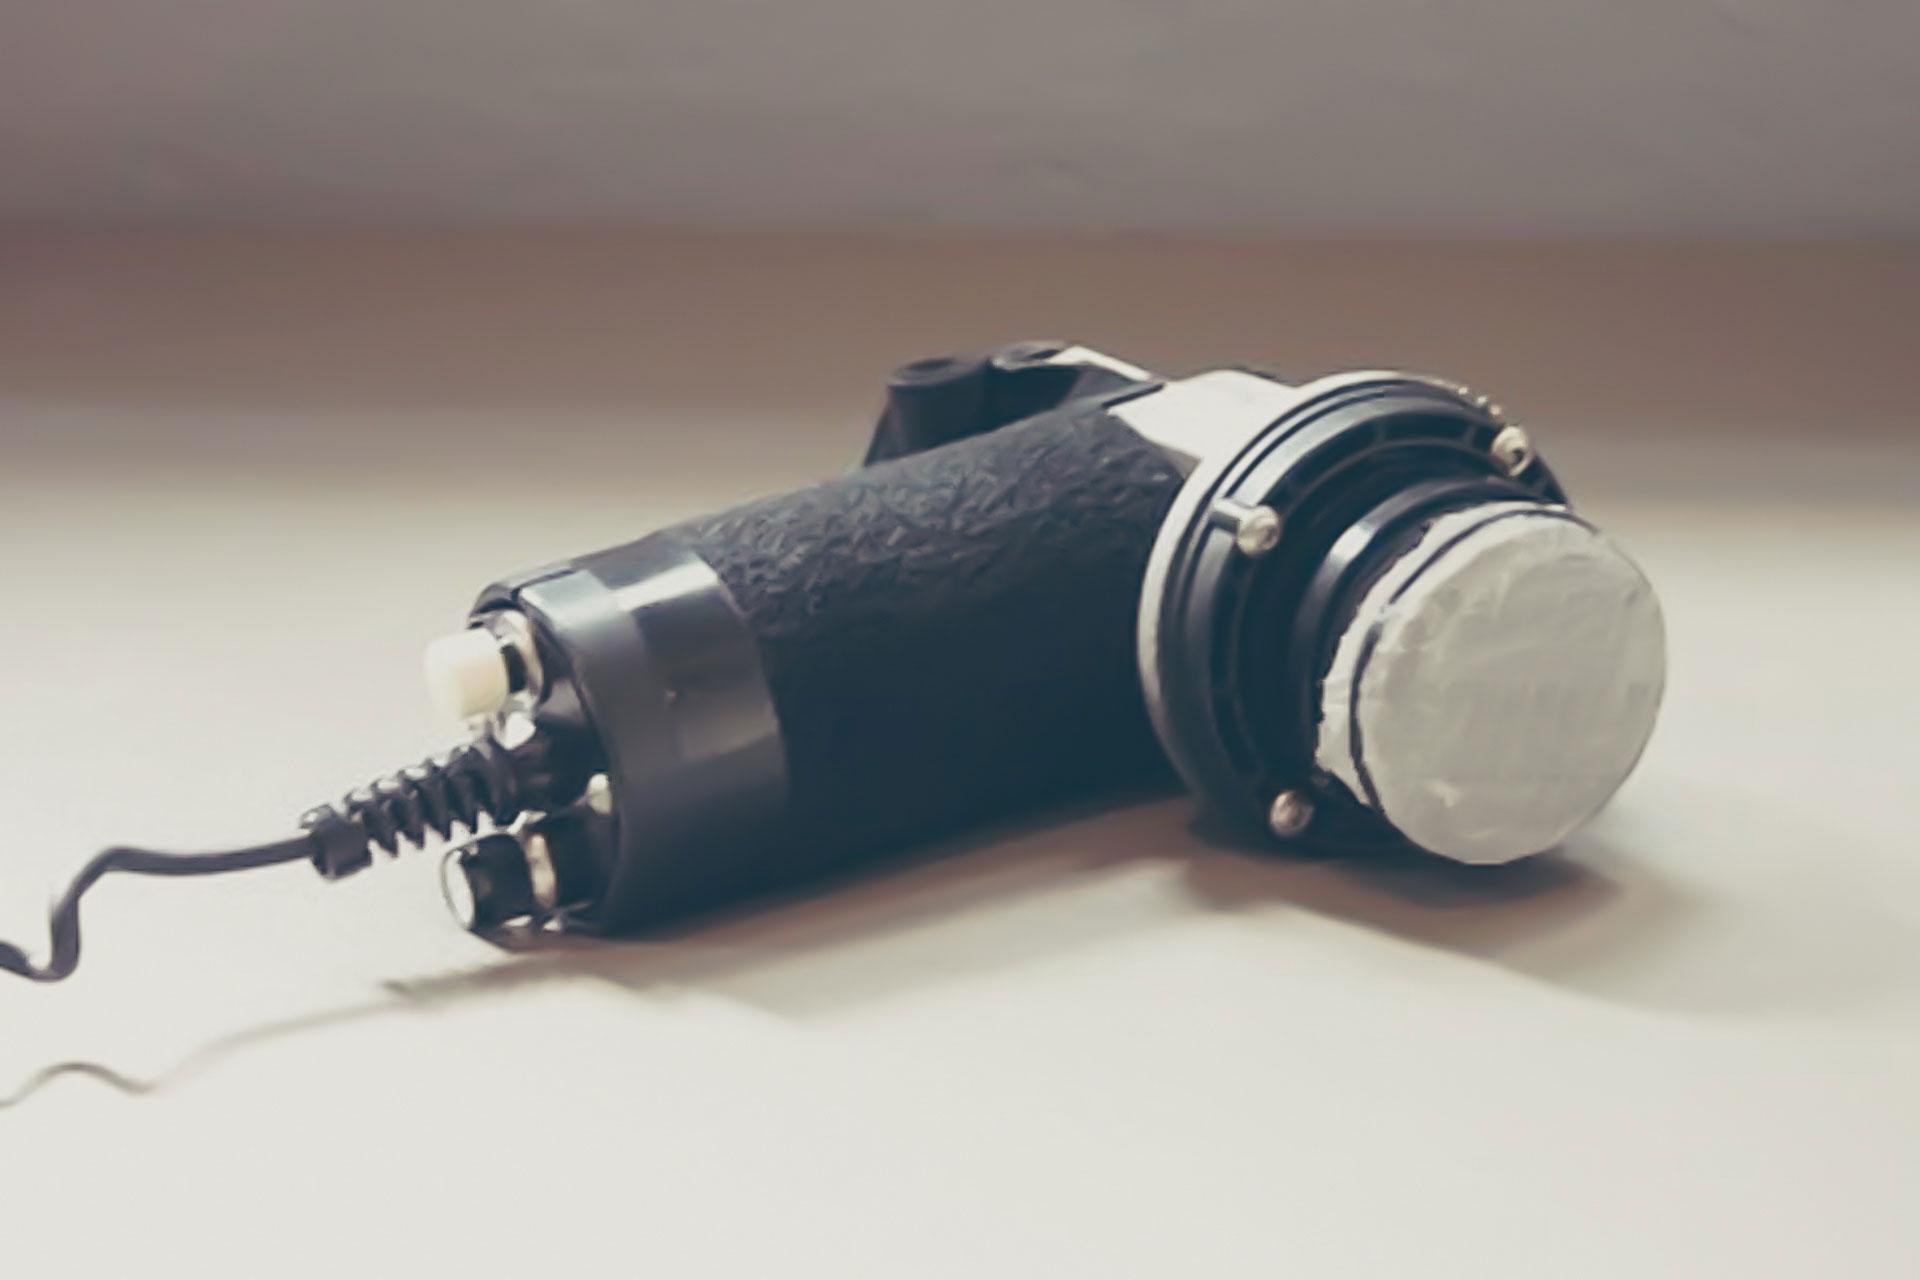 Vibracussor Instrument